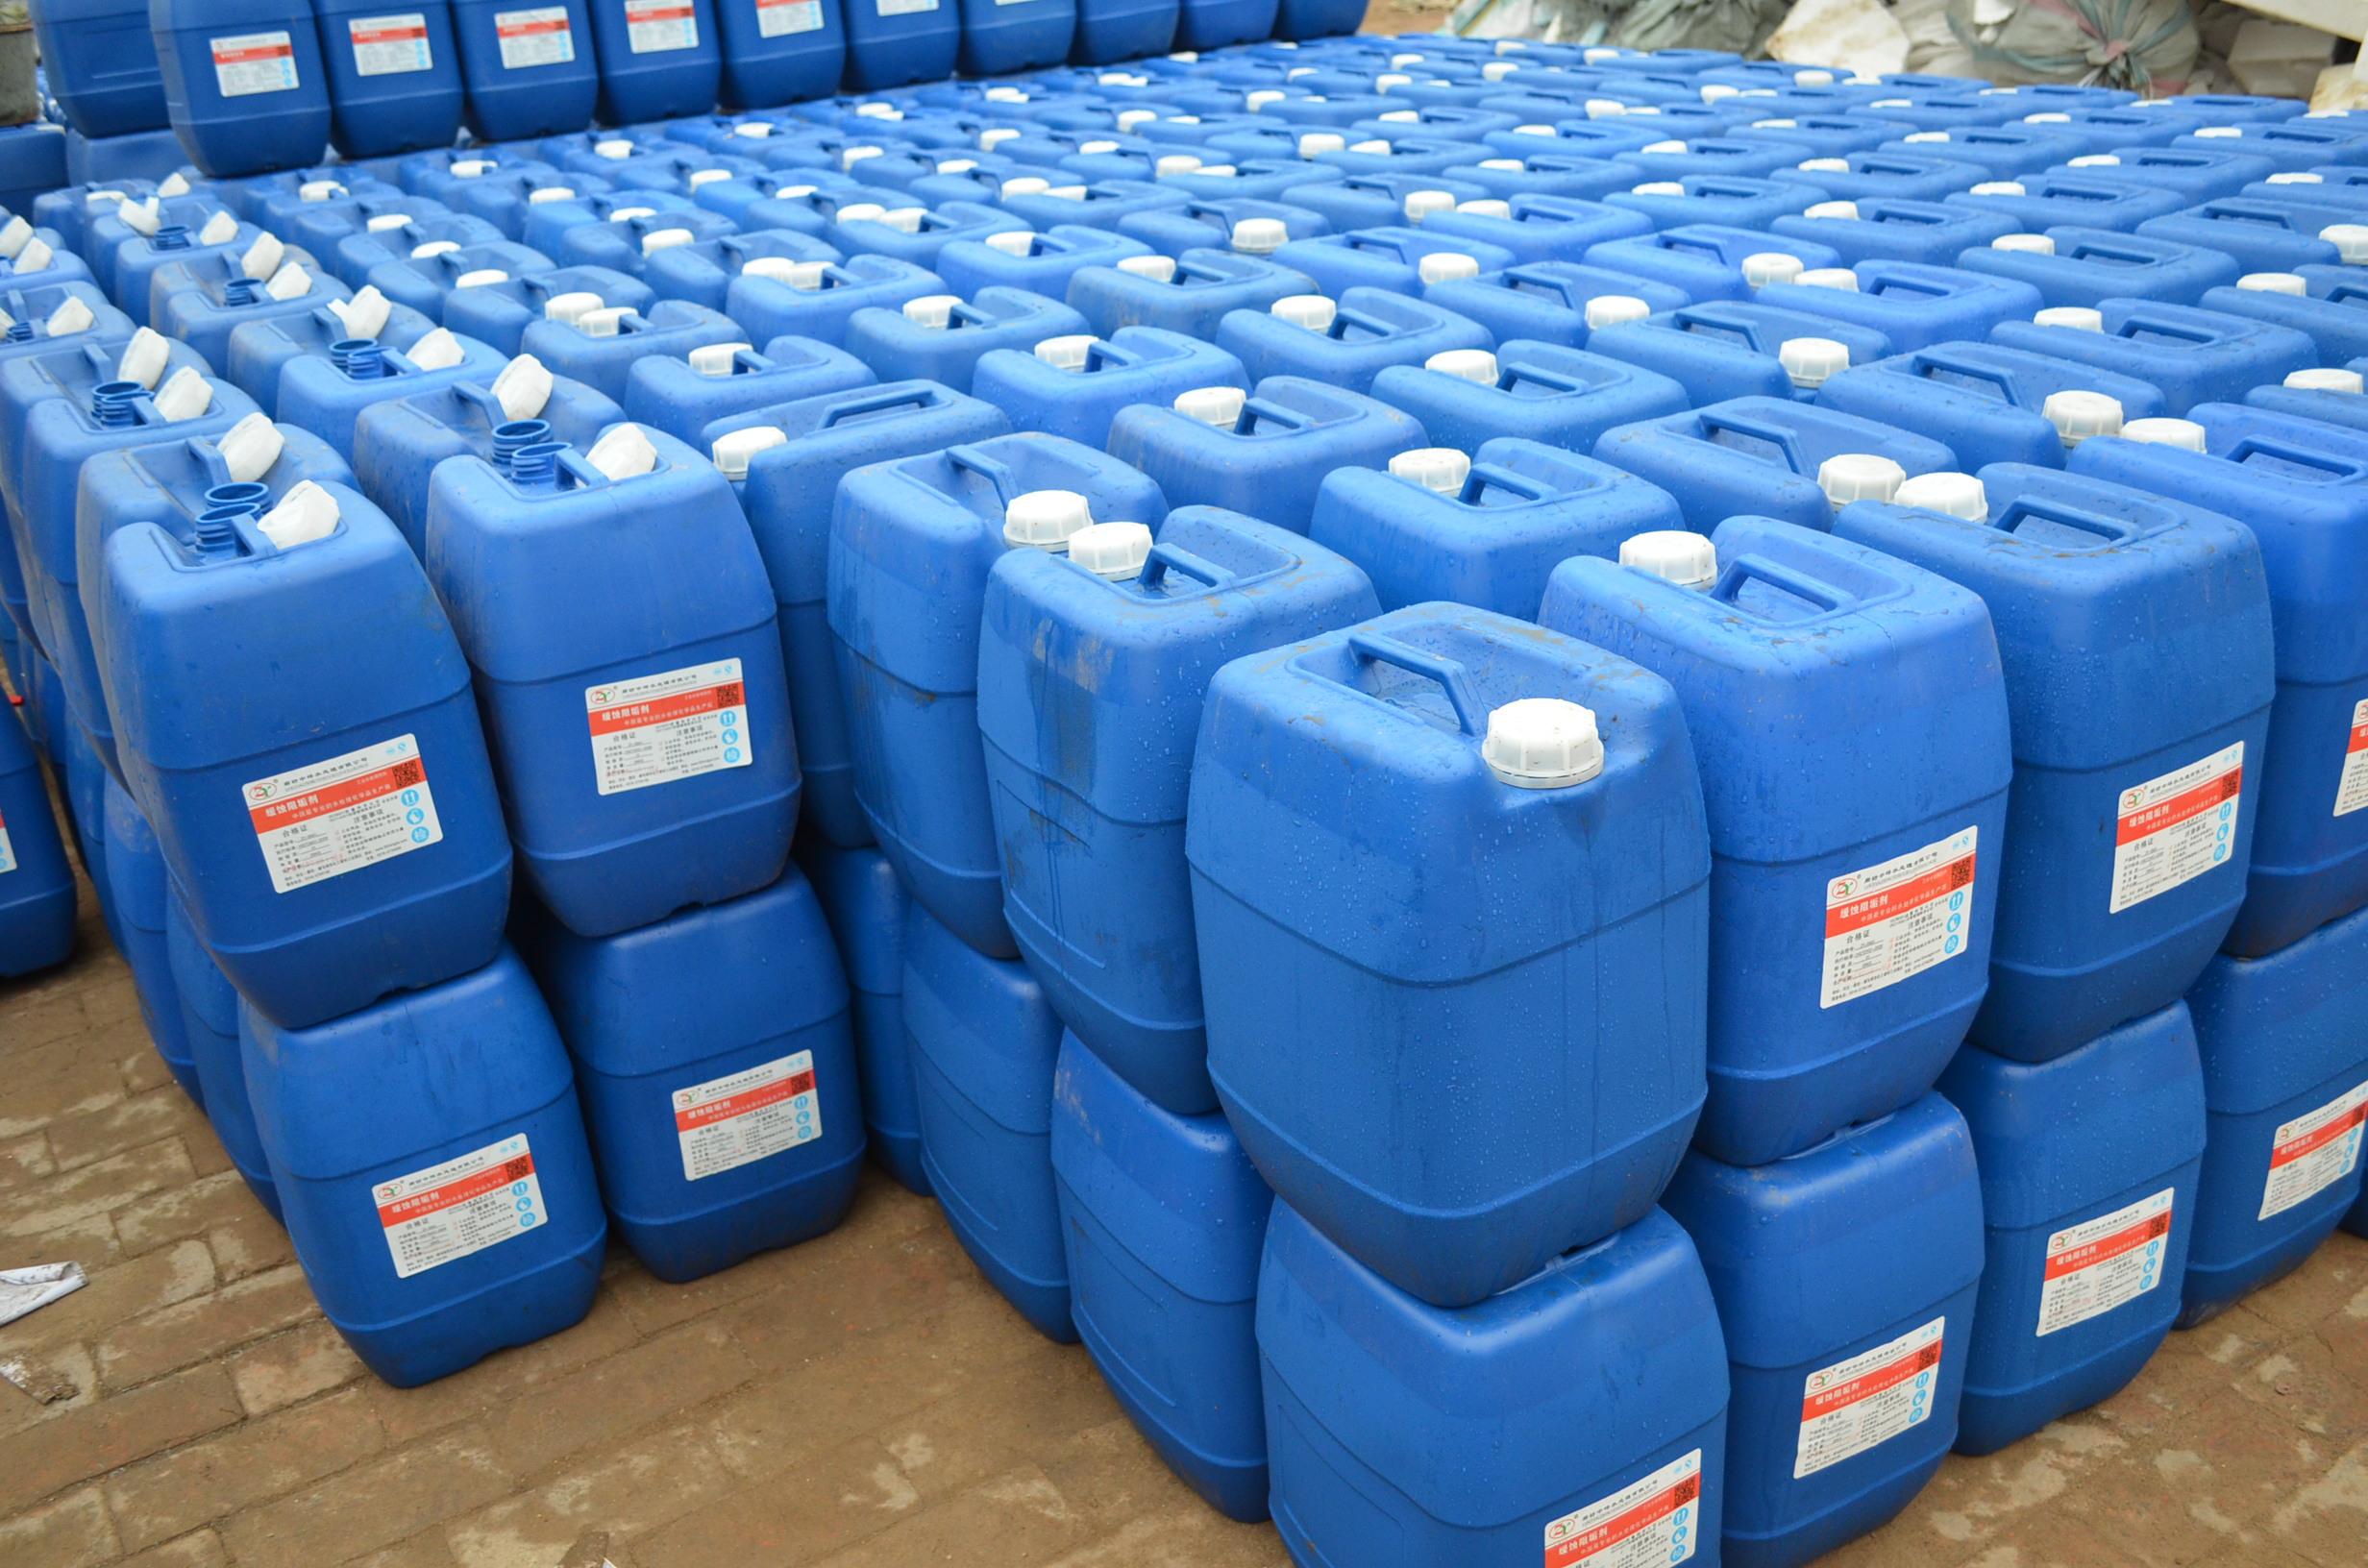 河北哪里买好的电厂专用缓蚀阻垢剂  缓蚀阻垢剂价格